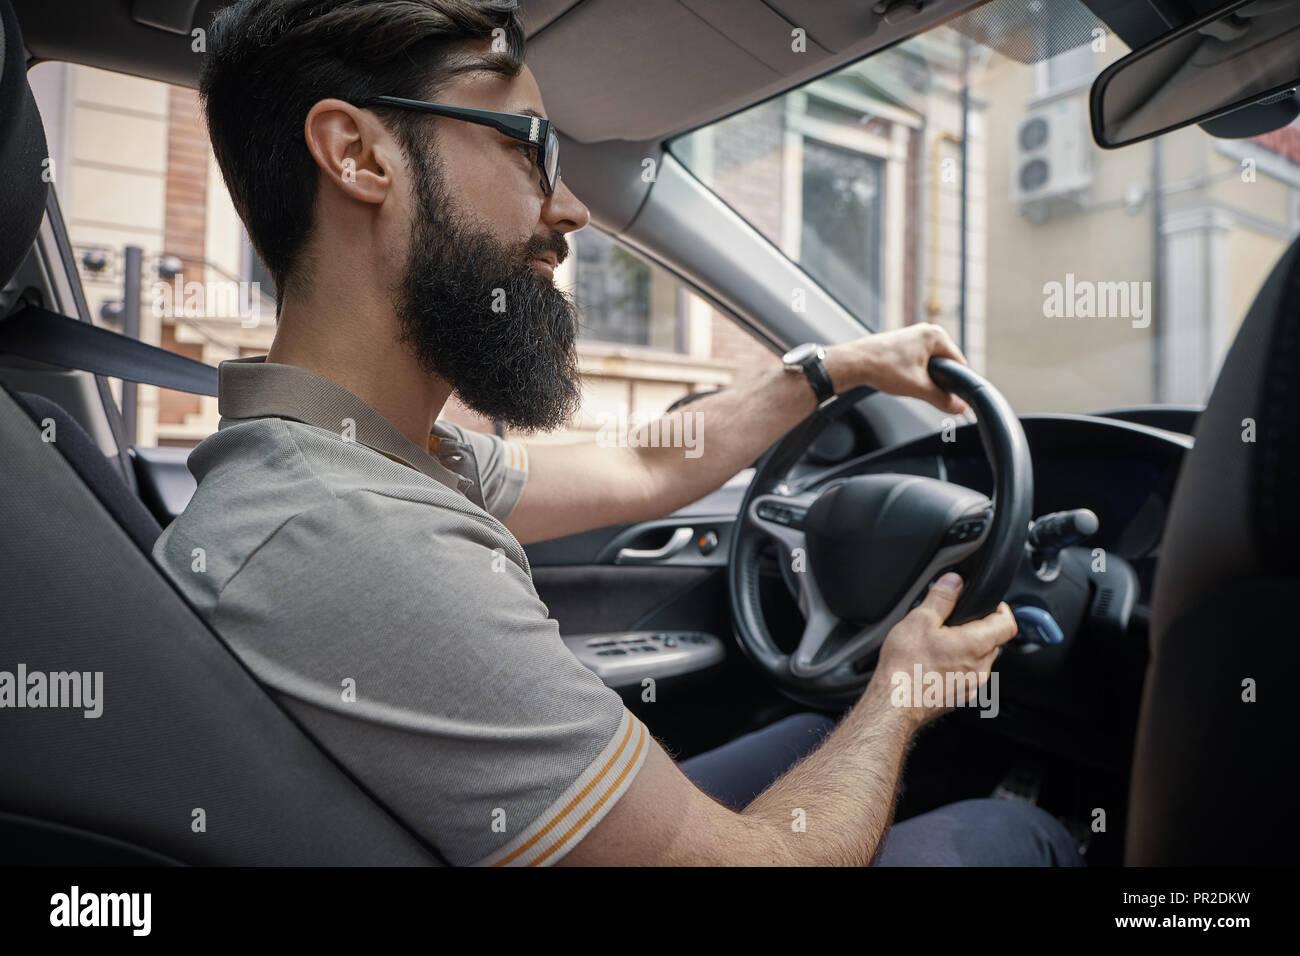 Las personas felices y caras de la ciudad de Concepción. Un hombre barbado positiva conduce su coche por la ciudad mientras sonríe. Disfrutando cada día momentos simples Imagen De Stock